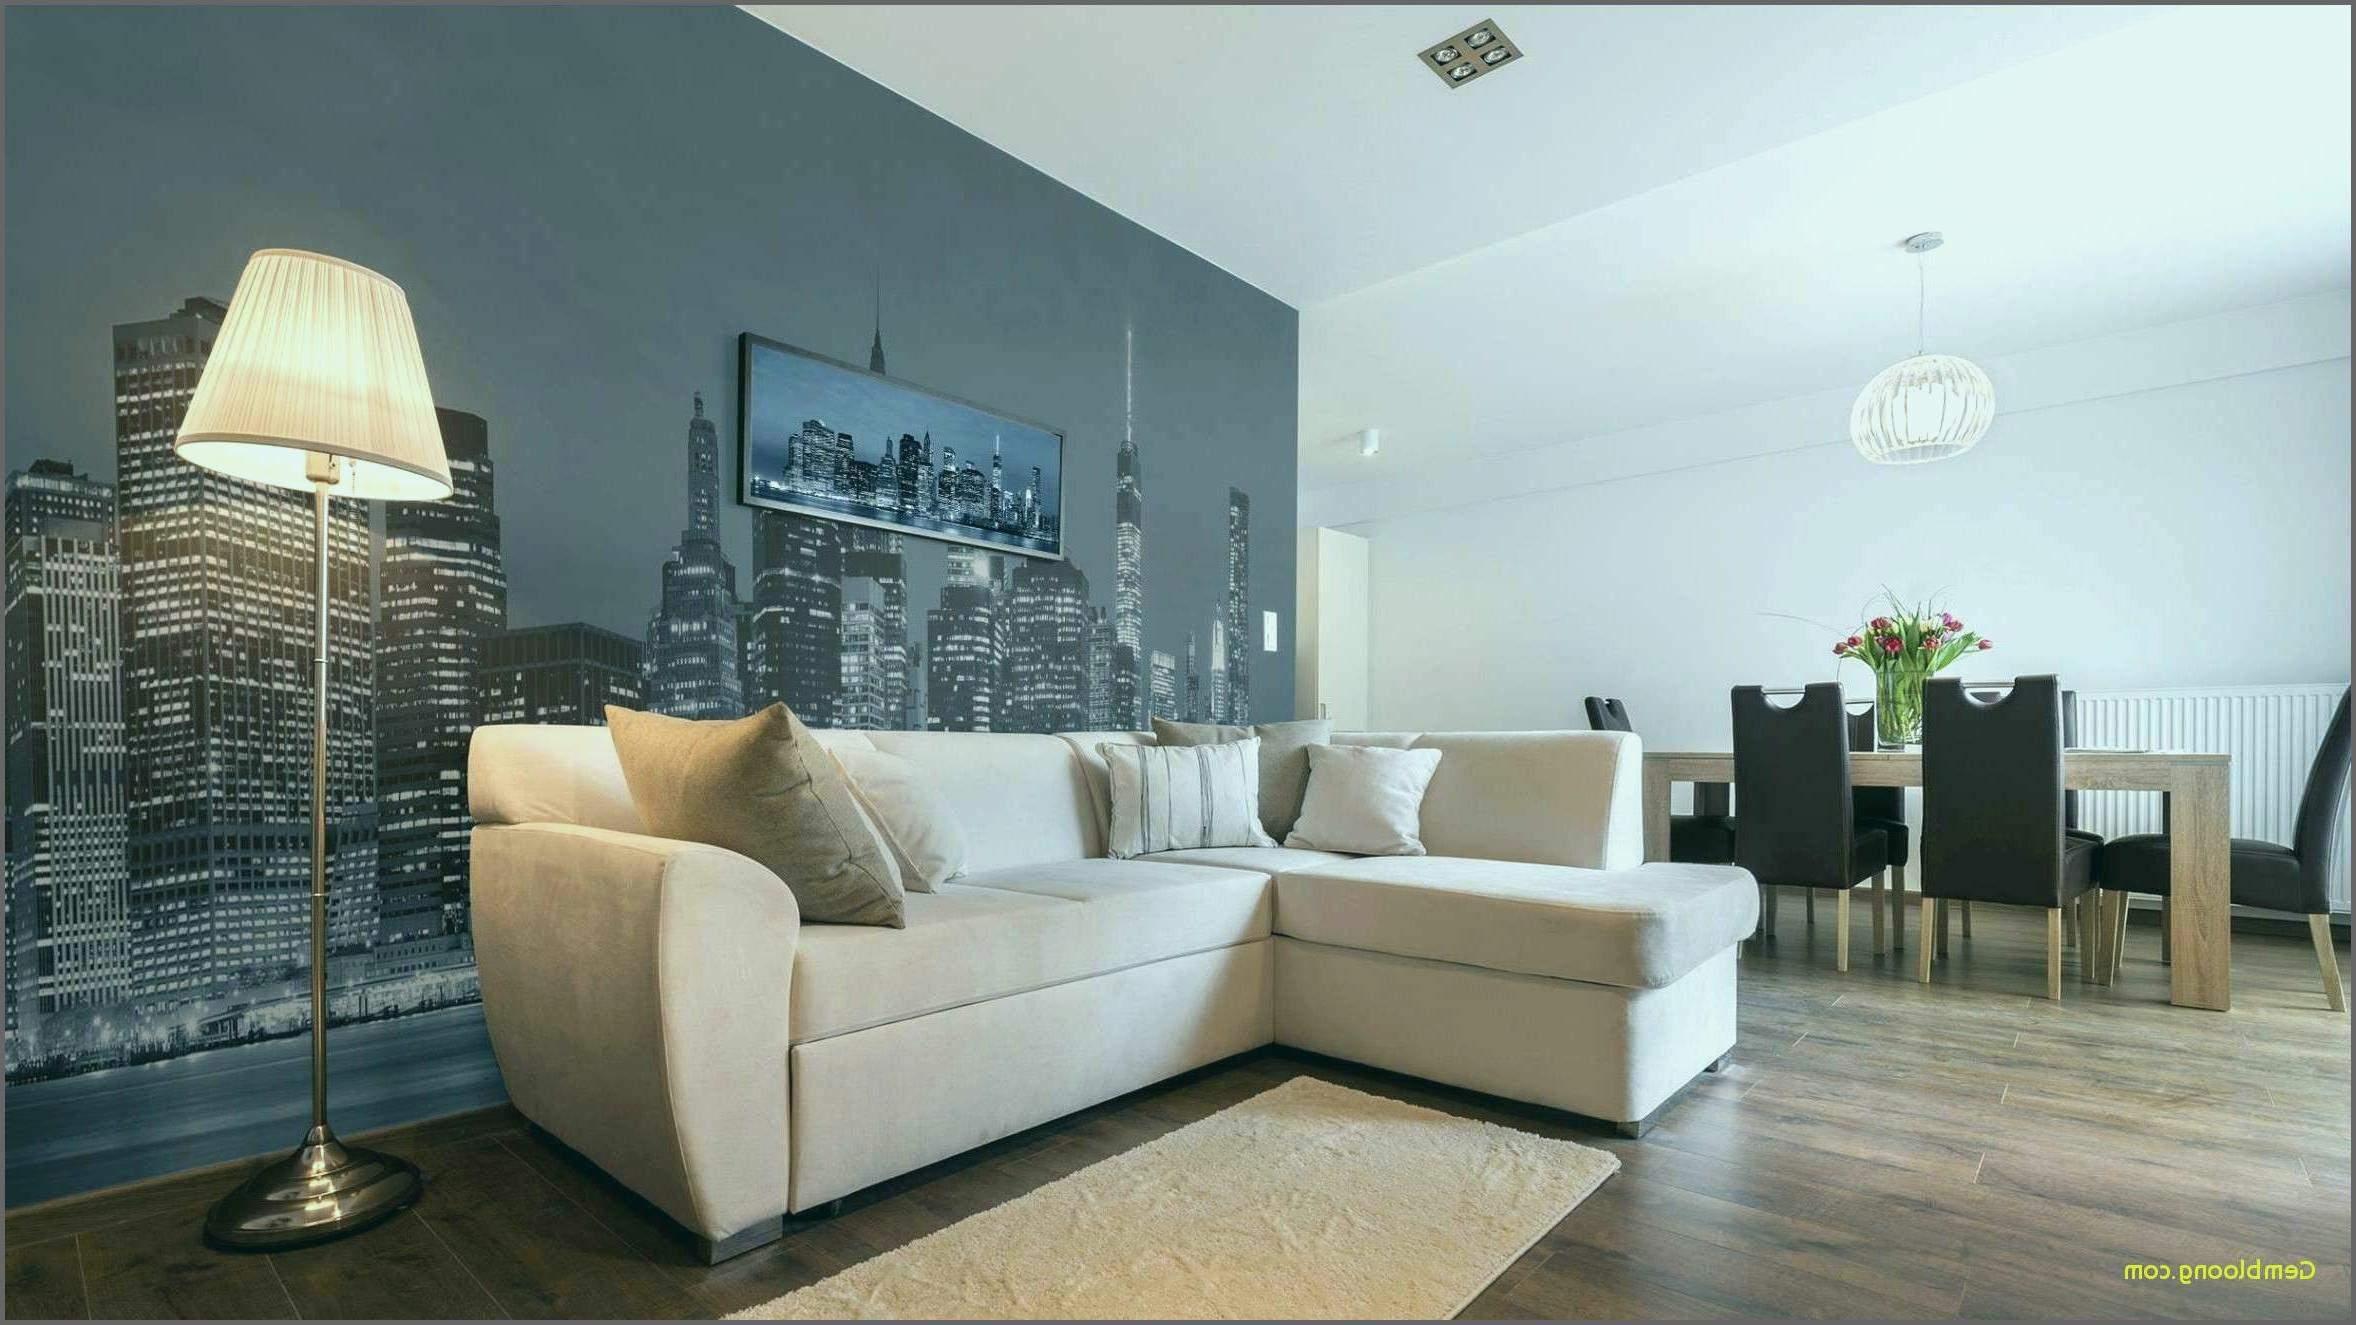 design wohnzimmer inspirierend design wohnzimmer bilder gemutlich wand licht dekoration of design wohnzimmer